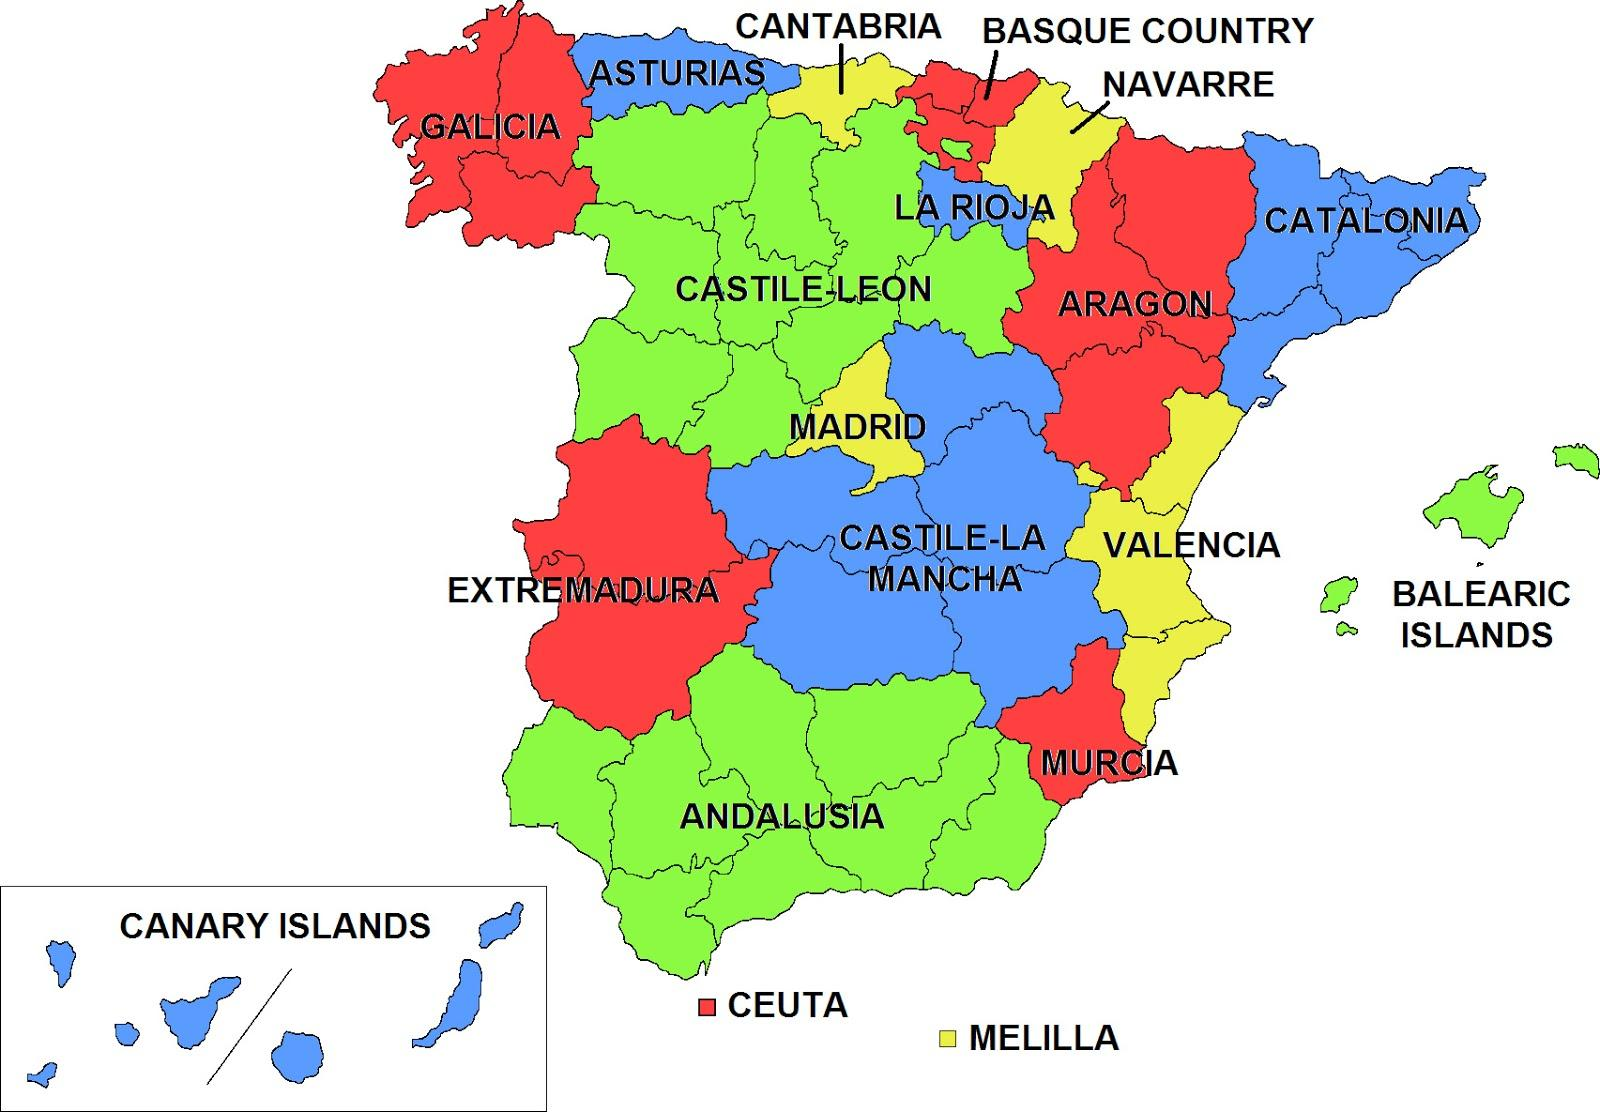 Autonome Regionen Spanien Karte.Spanien Autonome Gemeinschaften Karte Karte Von Spanien